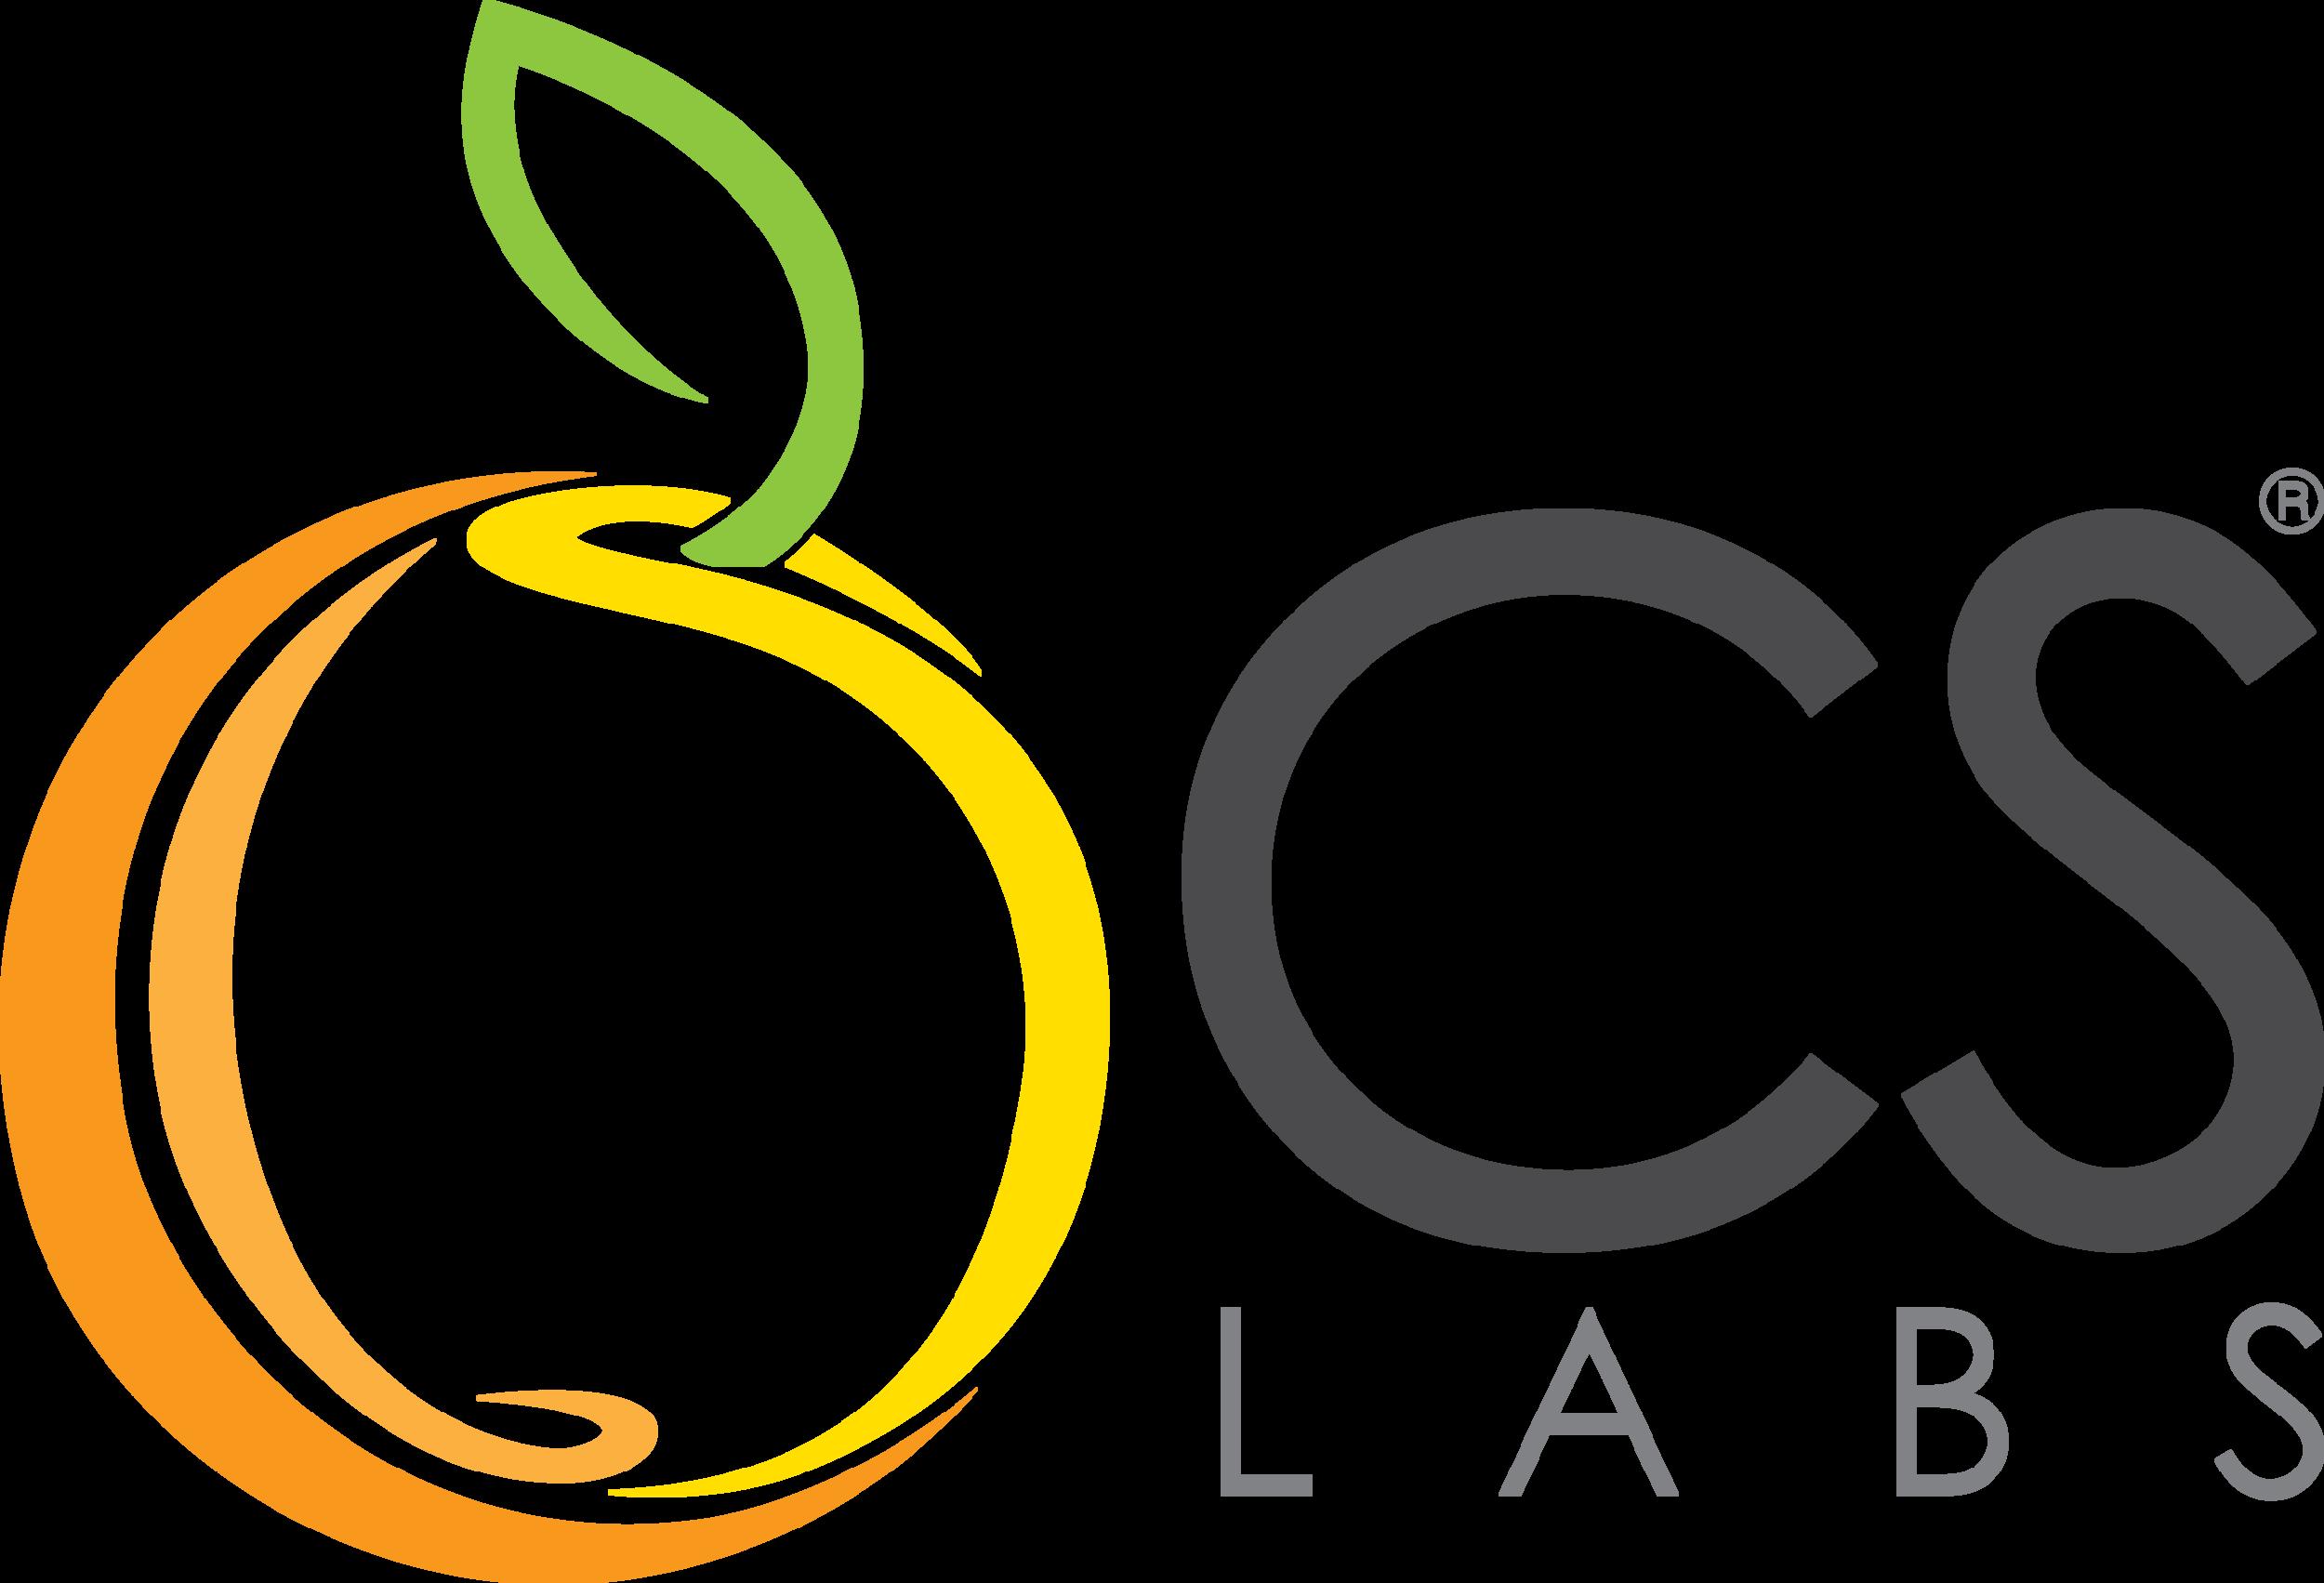 cs-group-labs.jpg